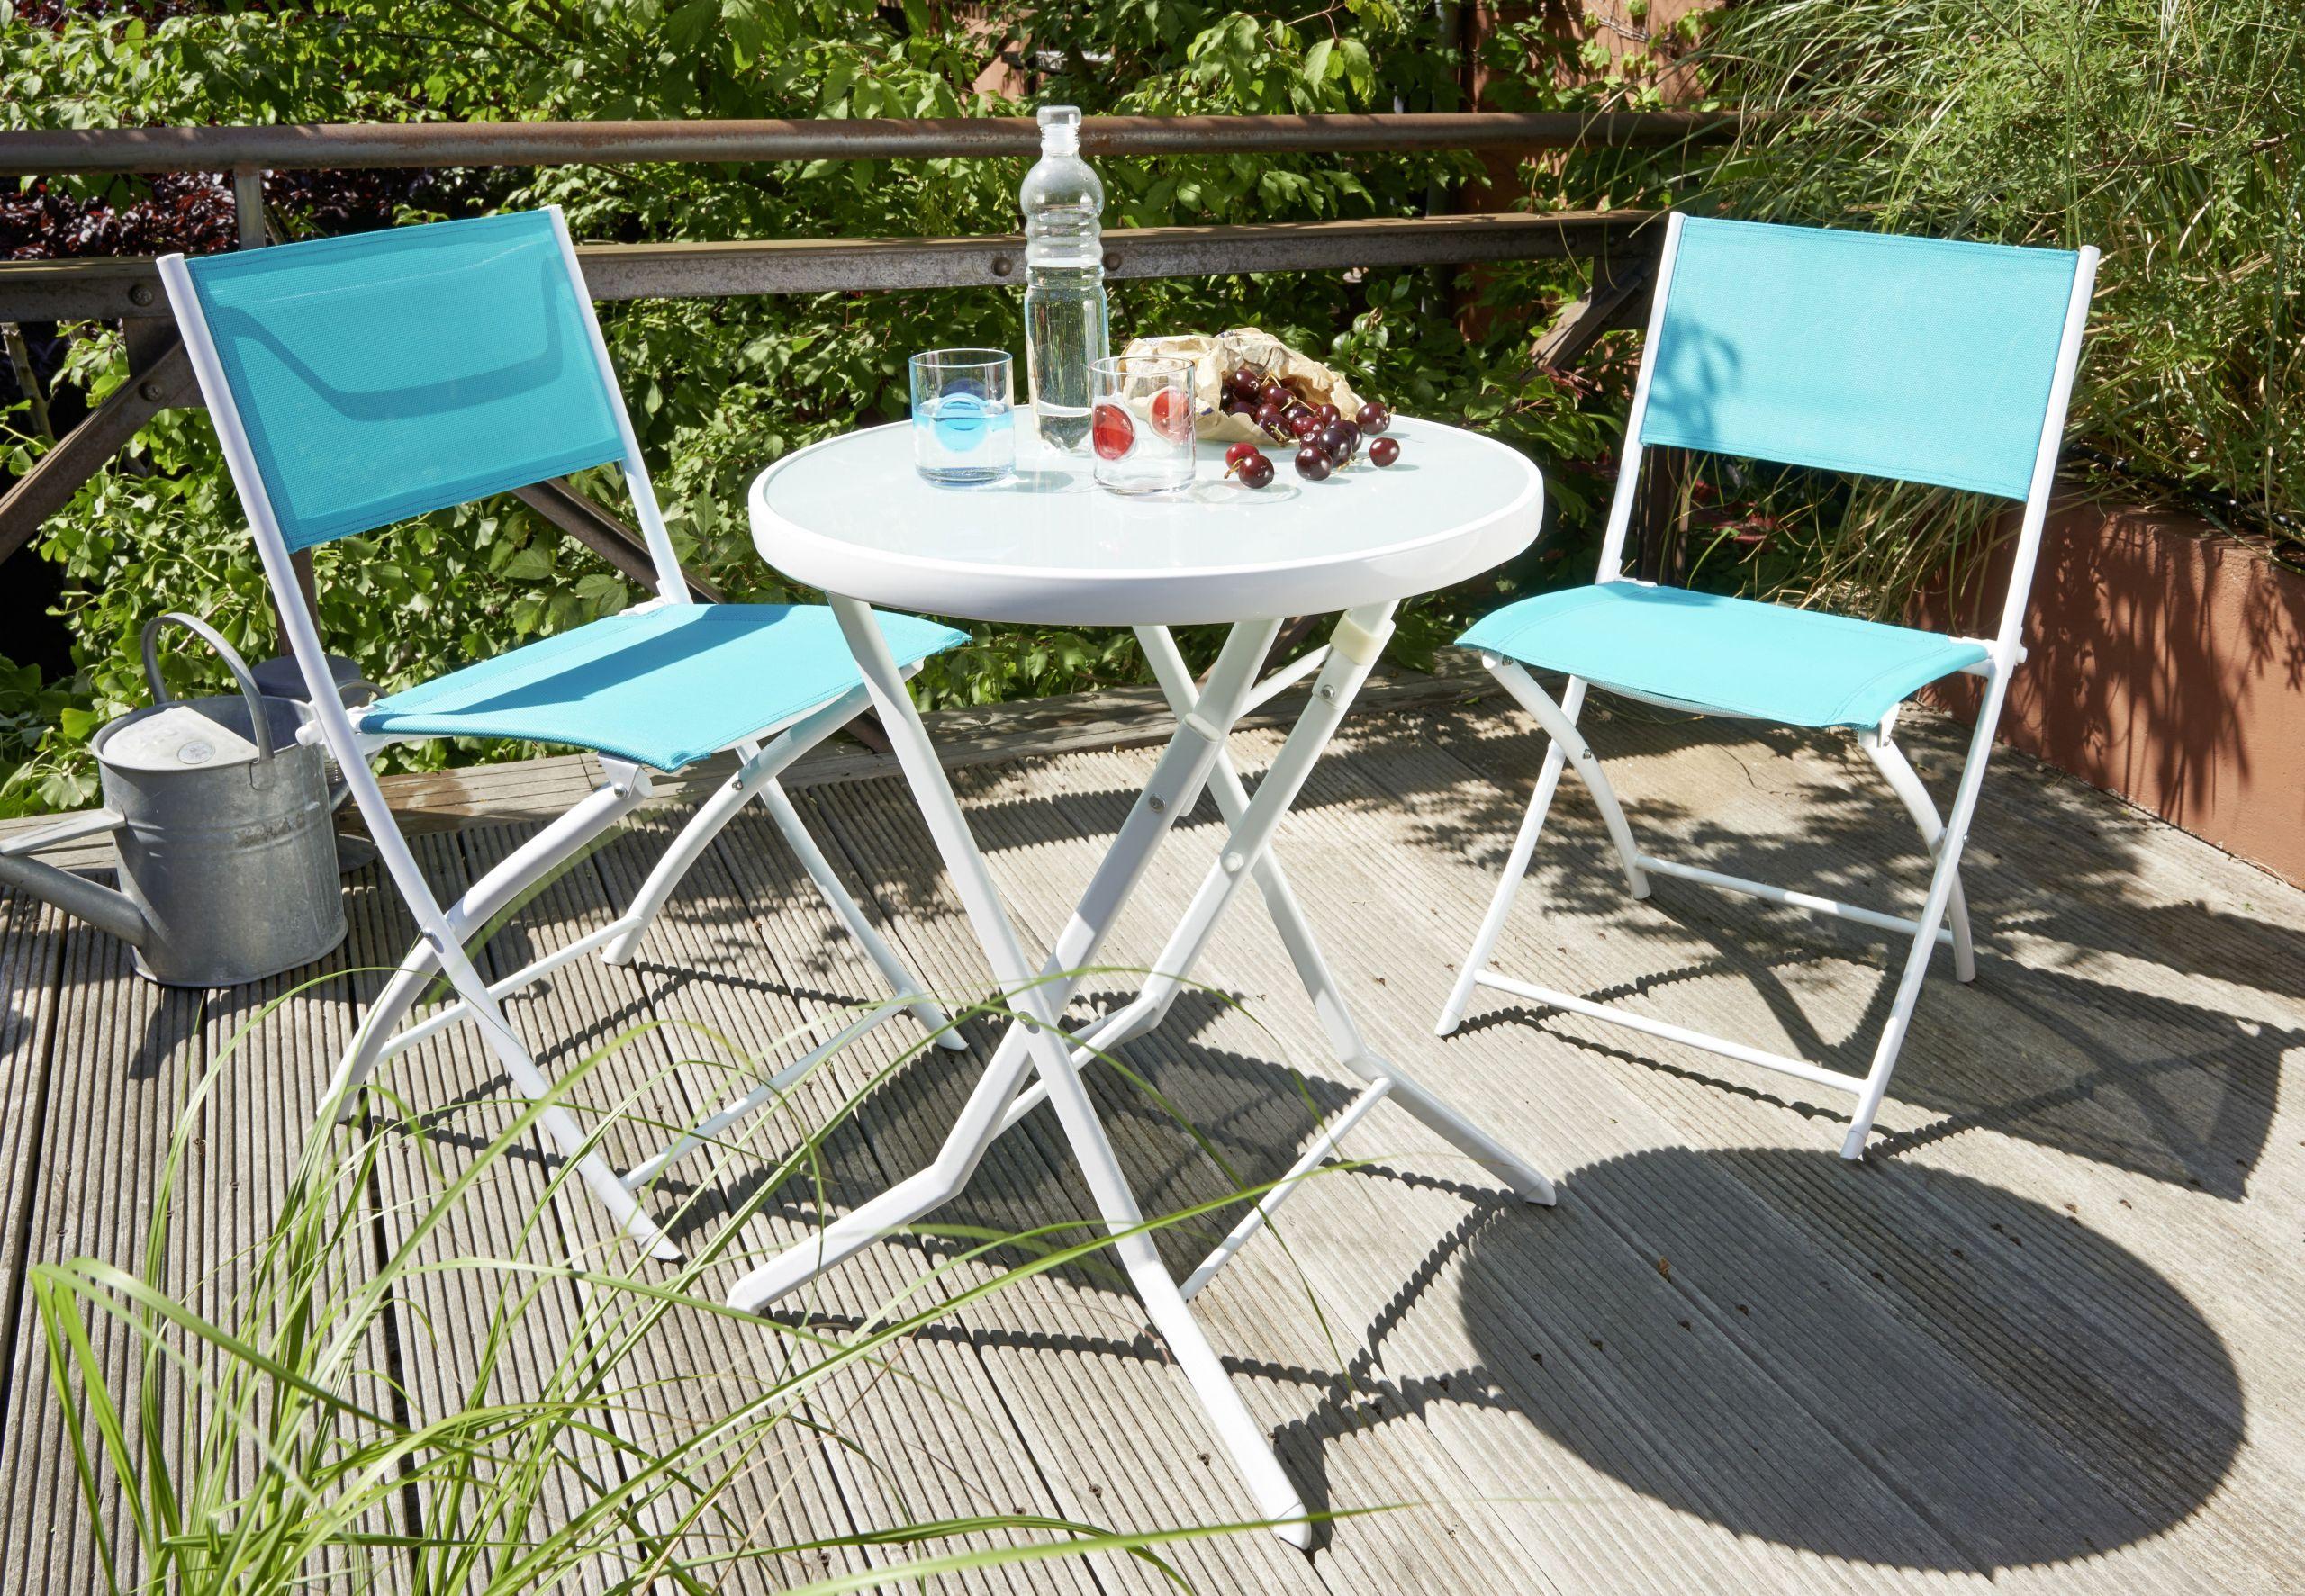 Table Ronde Salon De Jardin Inspirant Vos Courses En Ligne Drive Livraison  Domicile Avec Of 40 Best Of Table Ronde Salon De Jardin